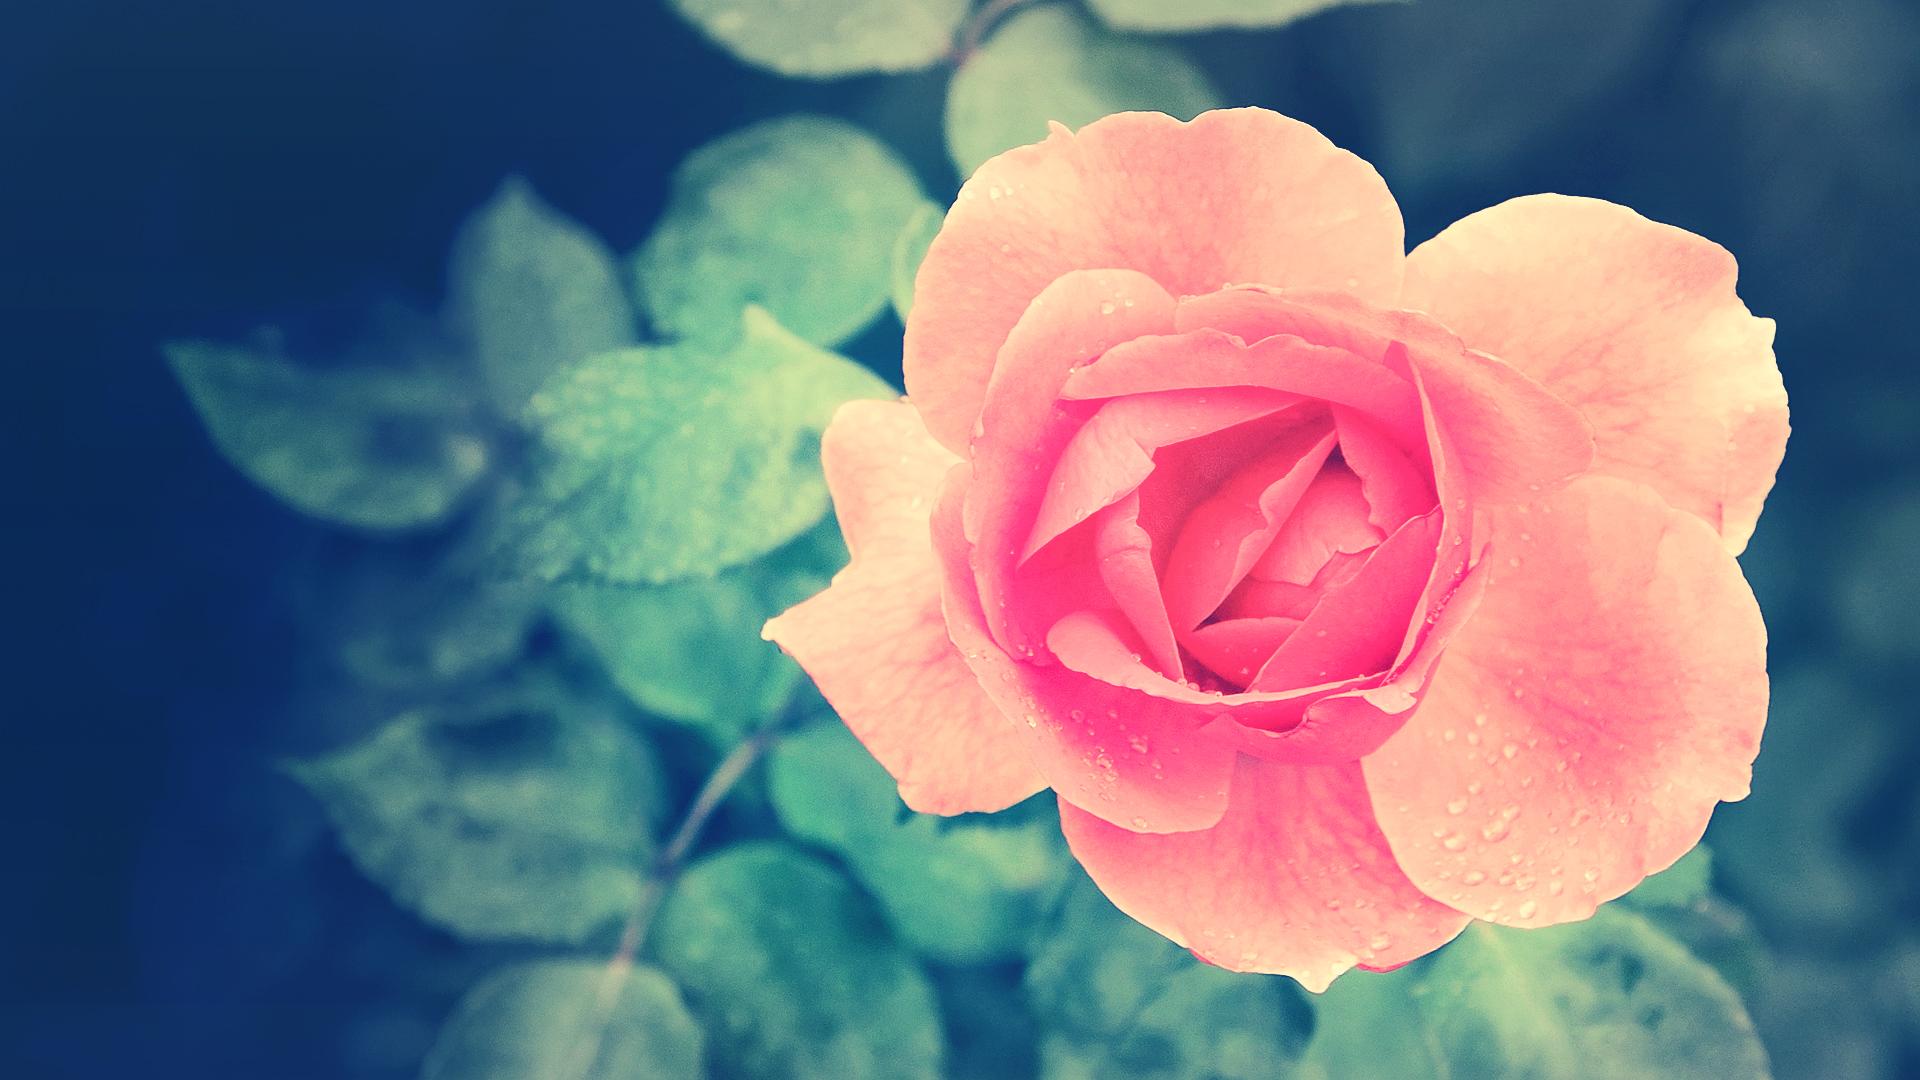 роза,лепестки,листья  № 705571 загрузить